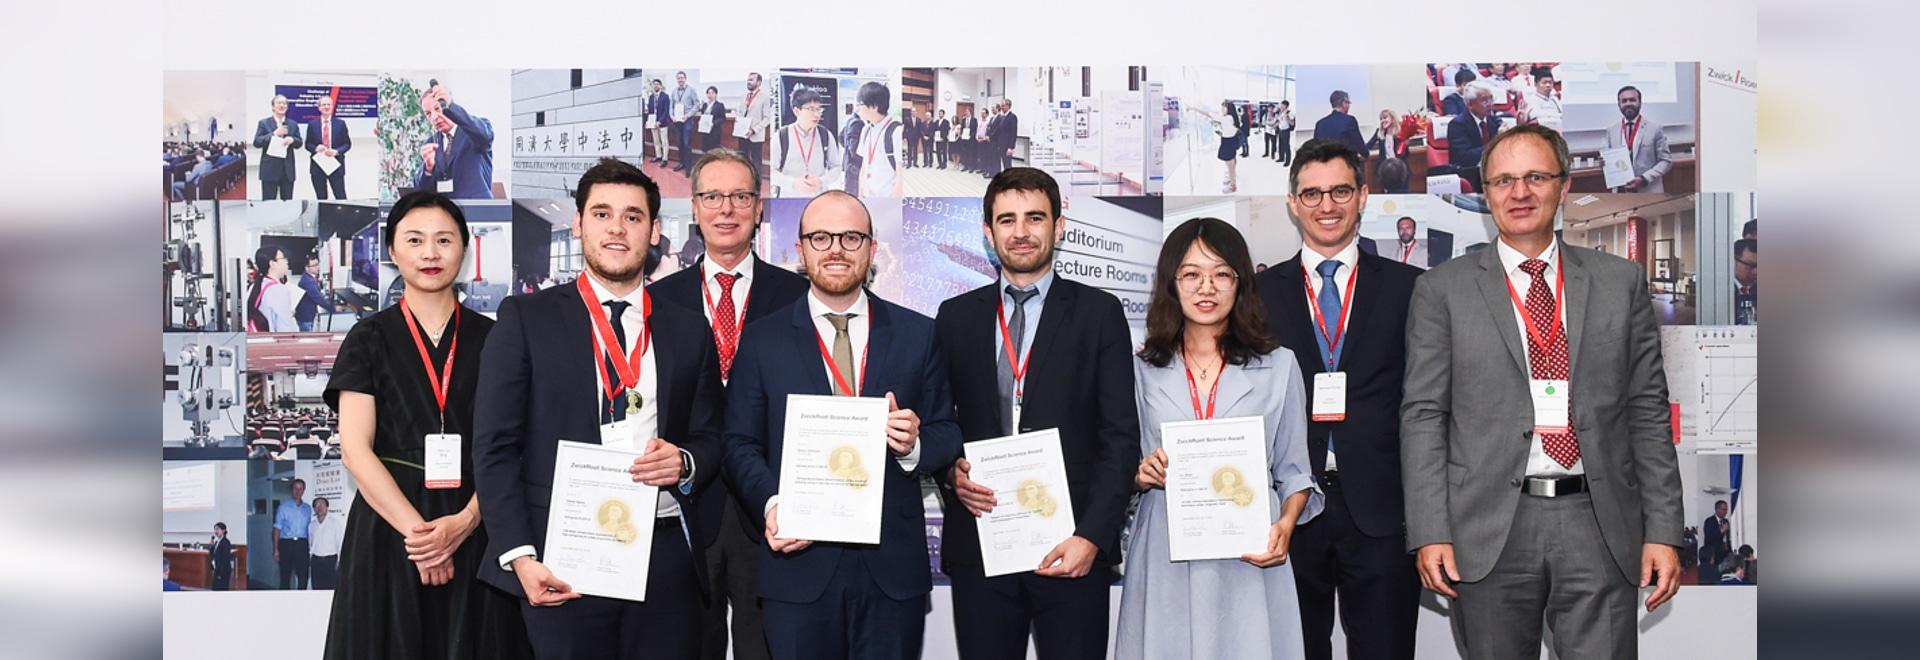 Remise du prix scientifique ZwickRoell à l'occasion de la journée académique ZwickRoell à Shanghai